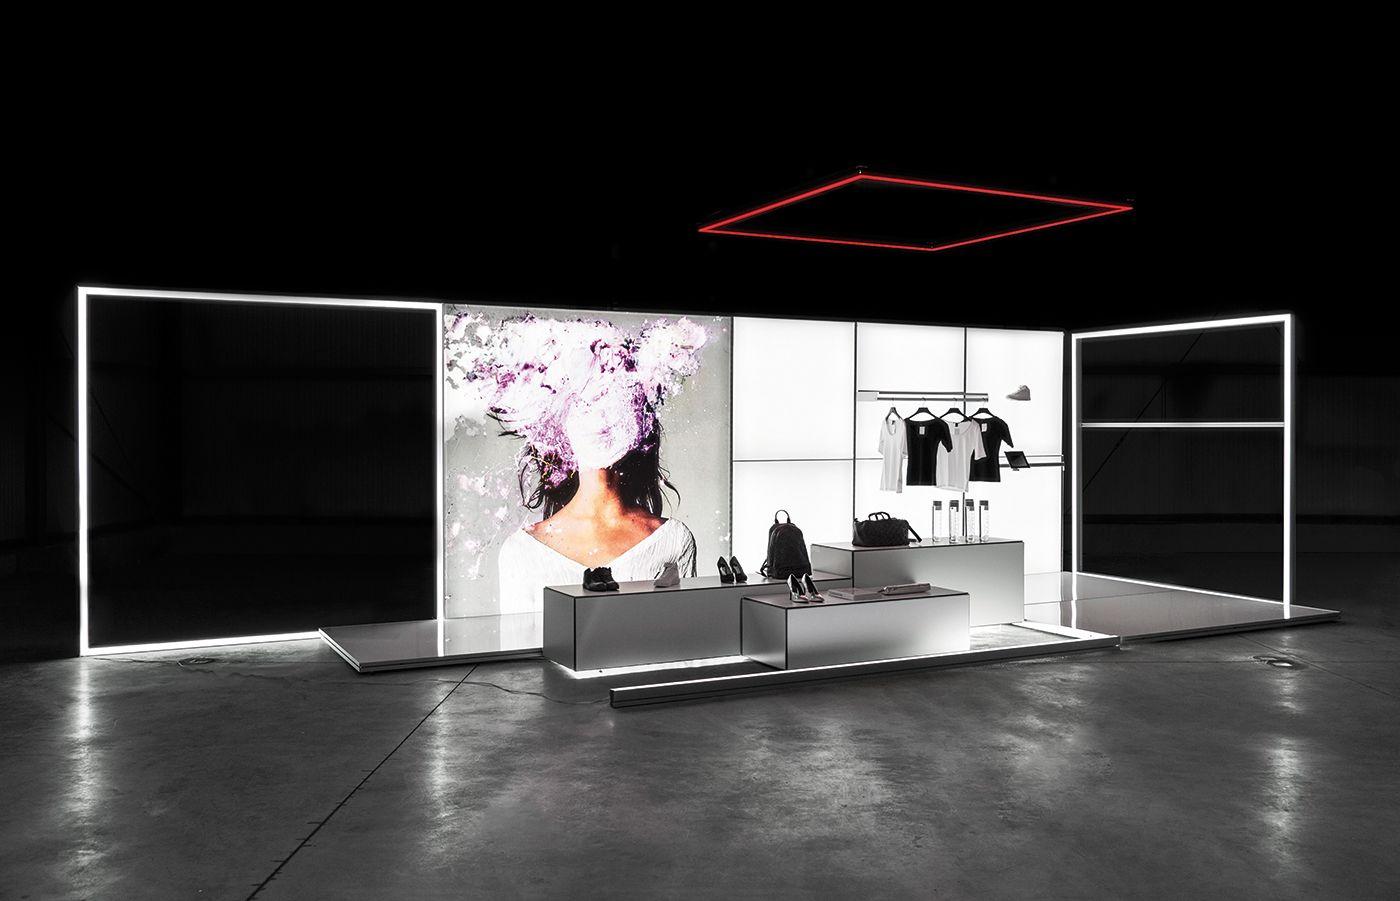 Epic EXHIBITION SHOP DESIGN MOBILE LED LIGHT WALLS AND FRAMES Modulap System f r visuelle Kommunikation